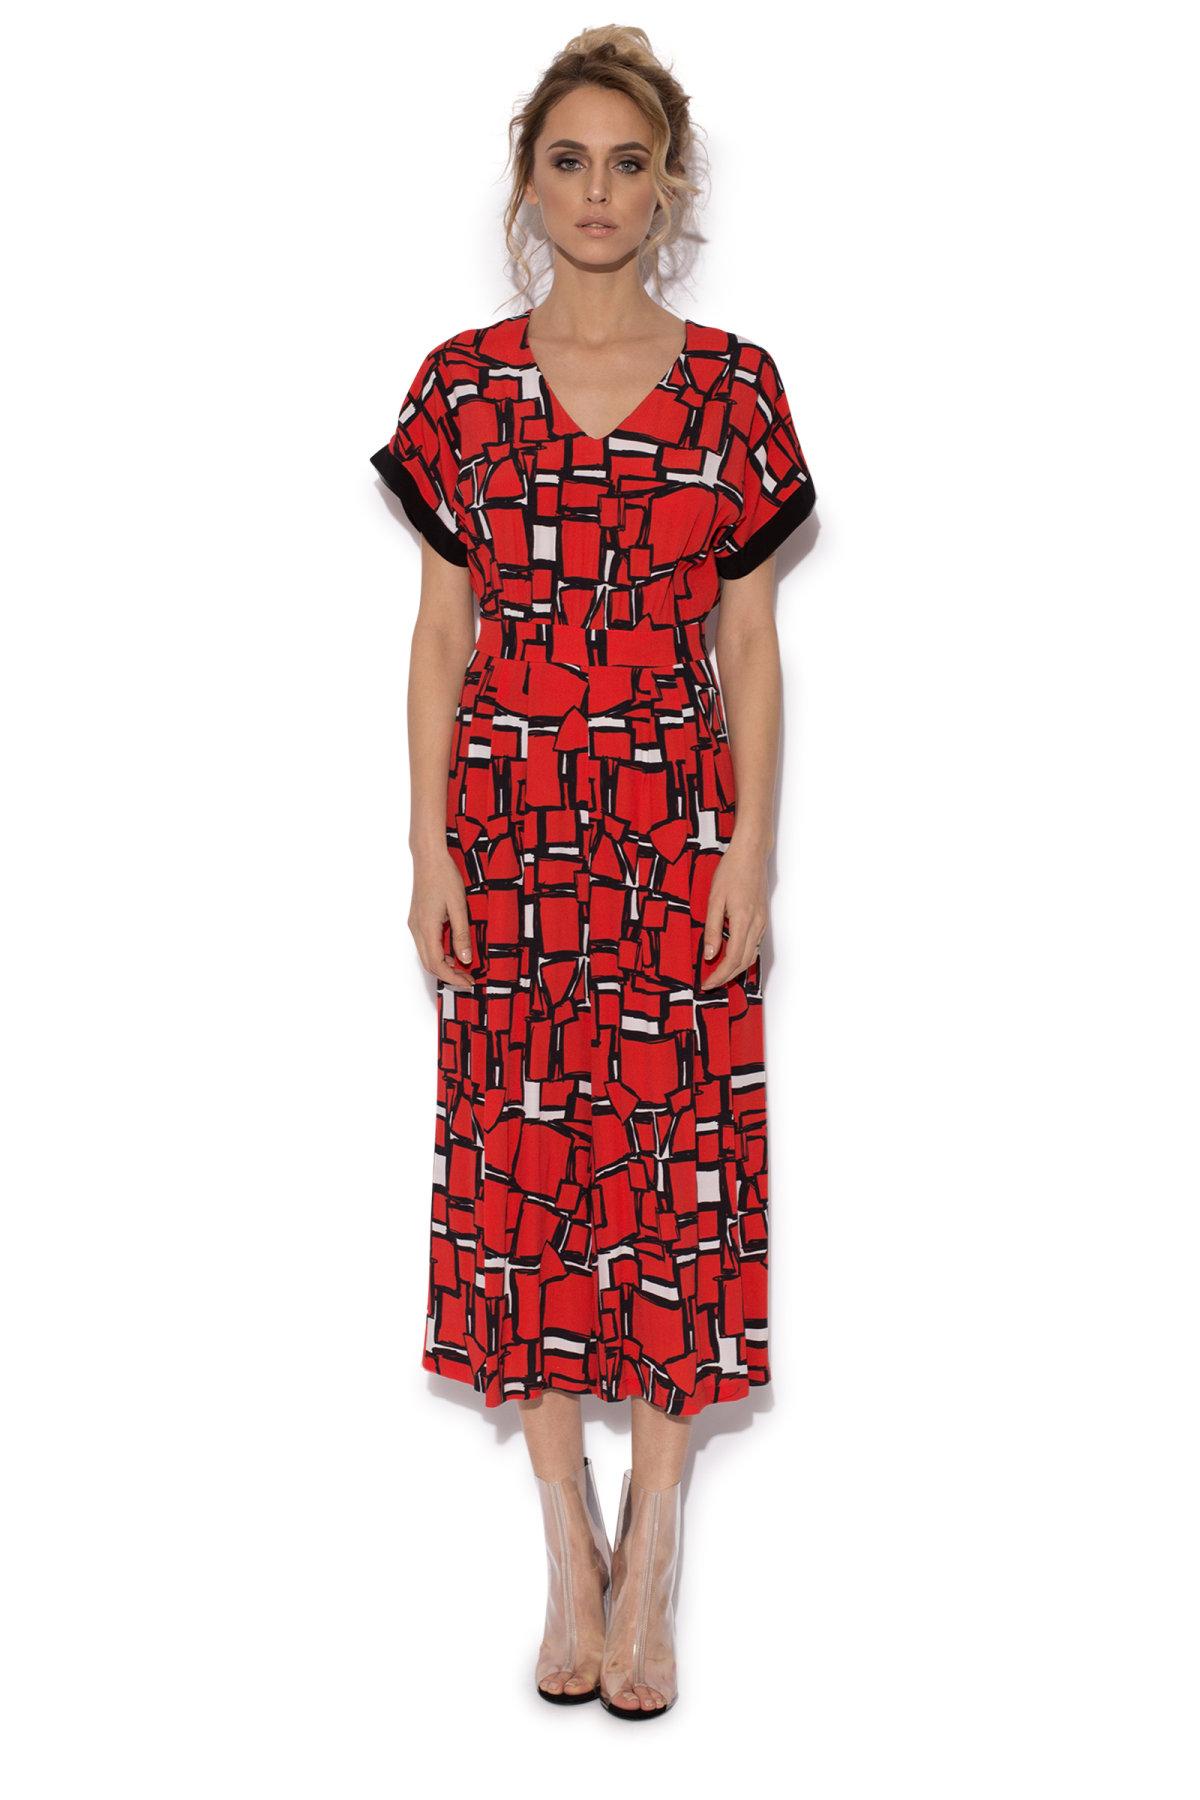 Salopeta culottes cu print geometric Rosu